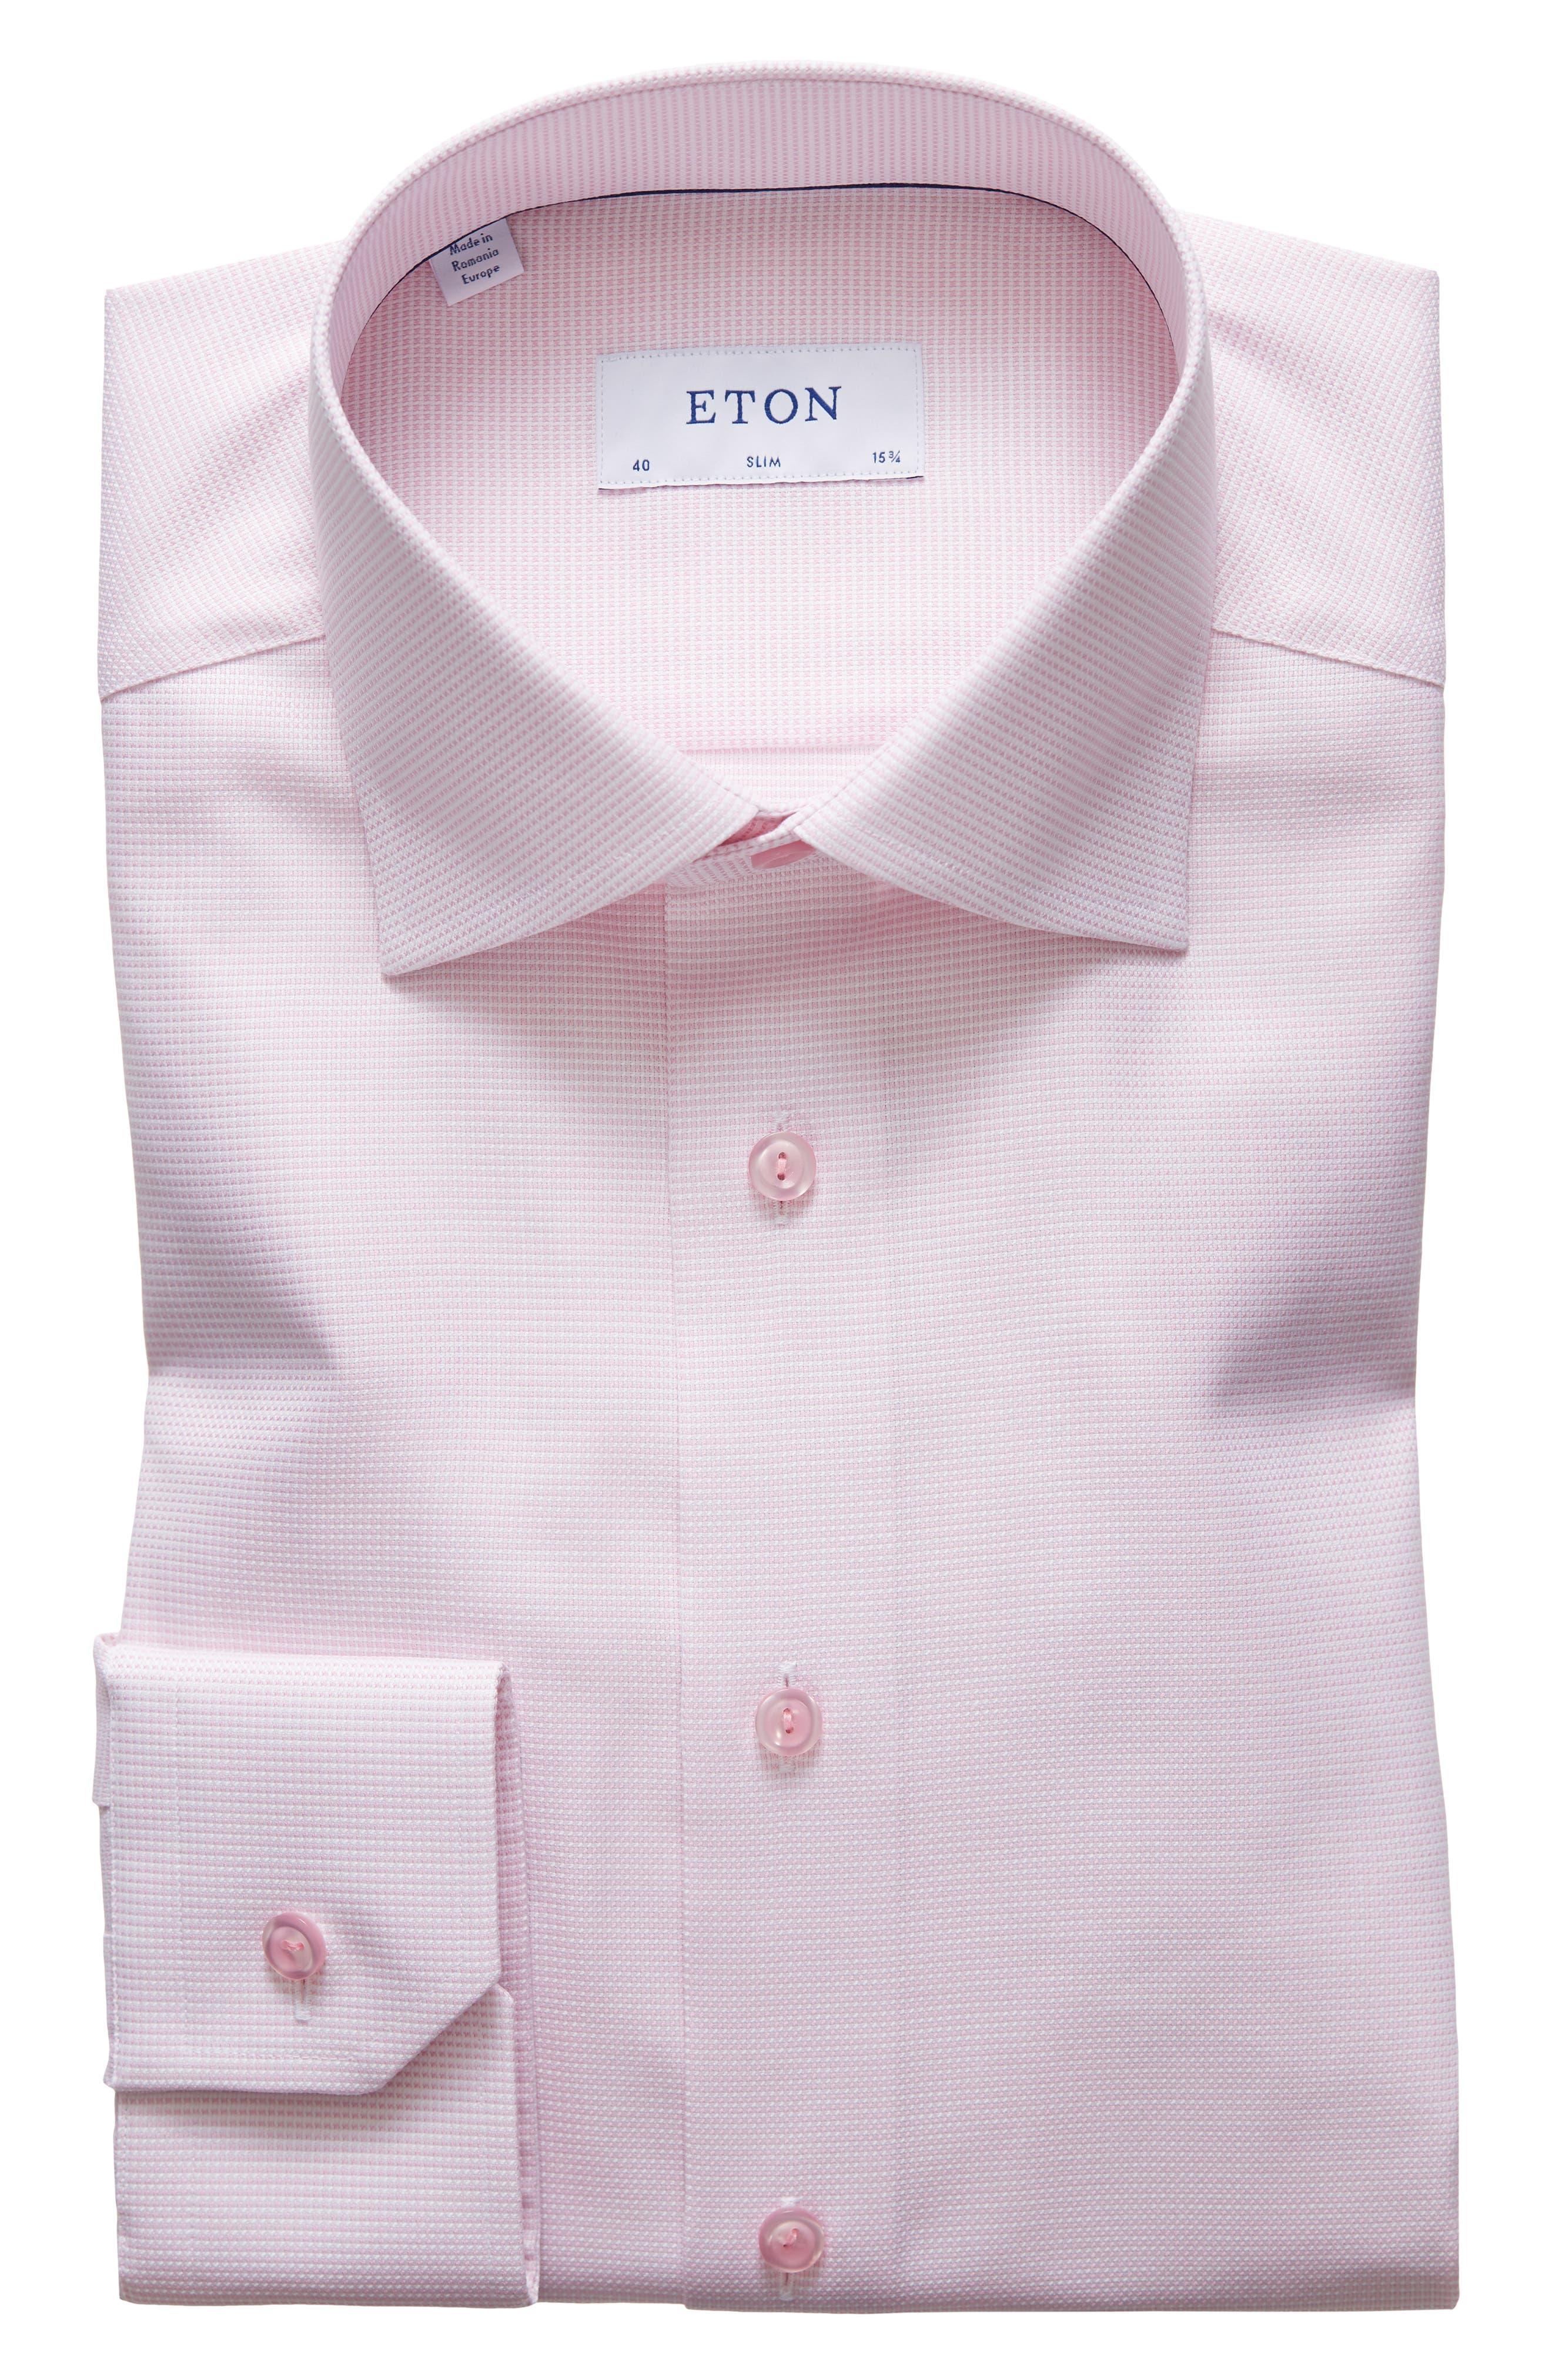 men\u0027s eton shirts nordstrom1418460 Hugo Boss Tuxedo Shirt Nordstrom #20